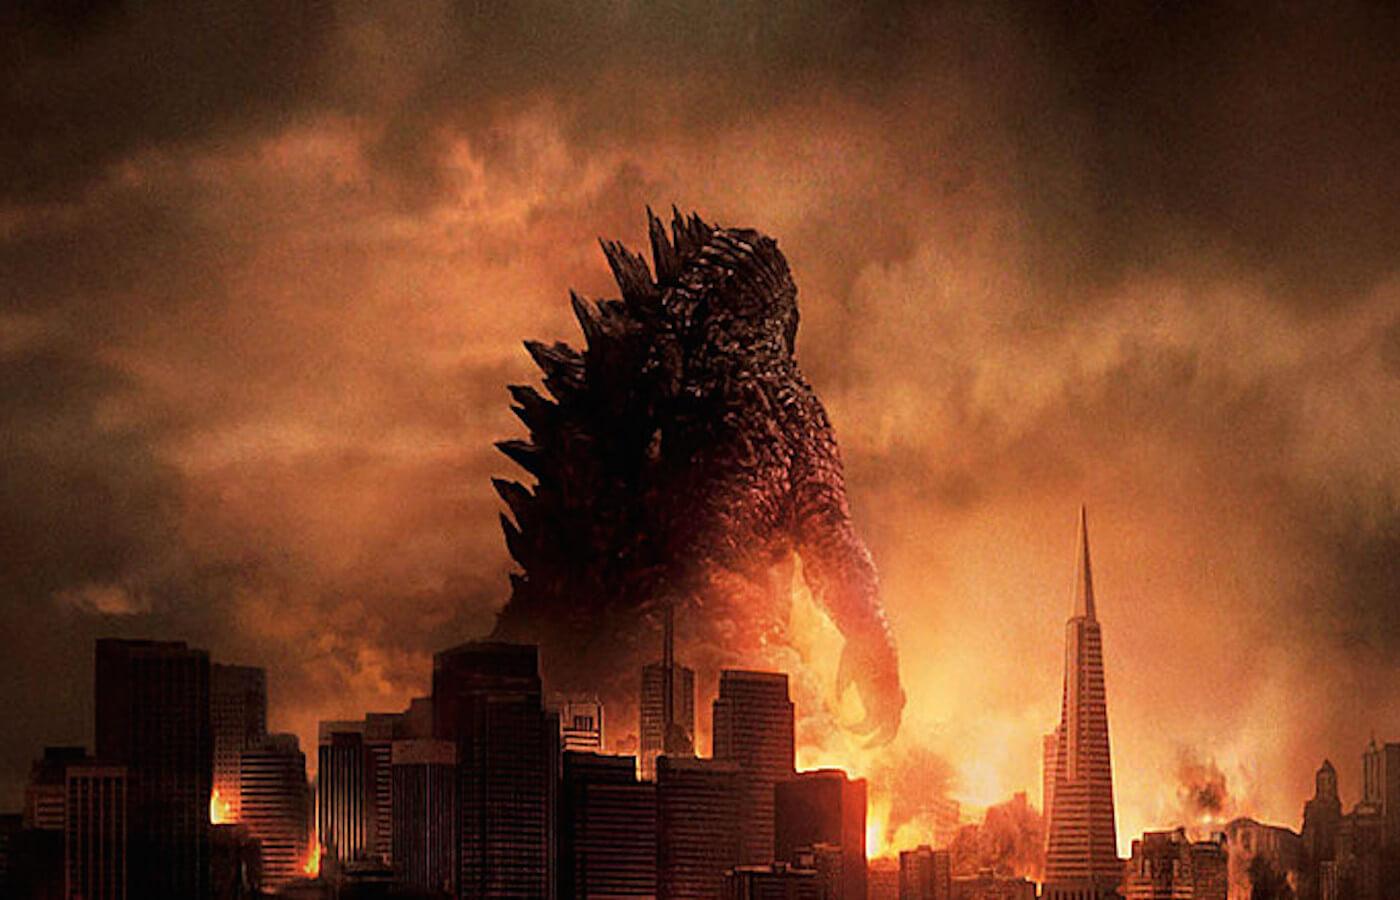 『ゴジラ2』の新監督候補に脚本家に抜擢されたマイケル・ドハティが浮上!